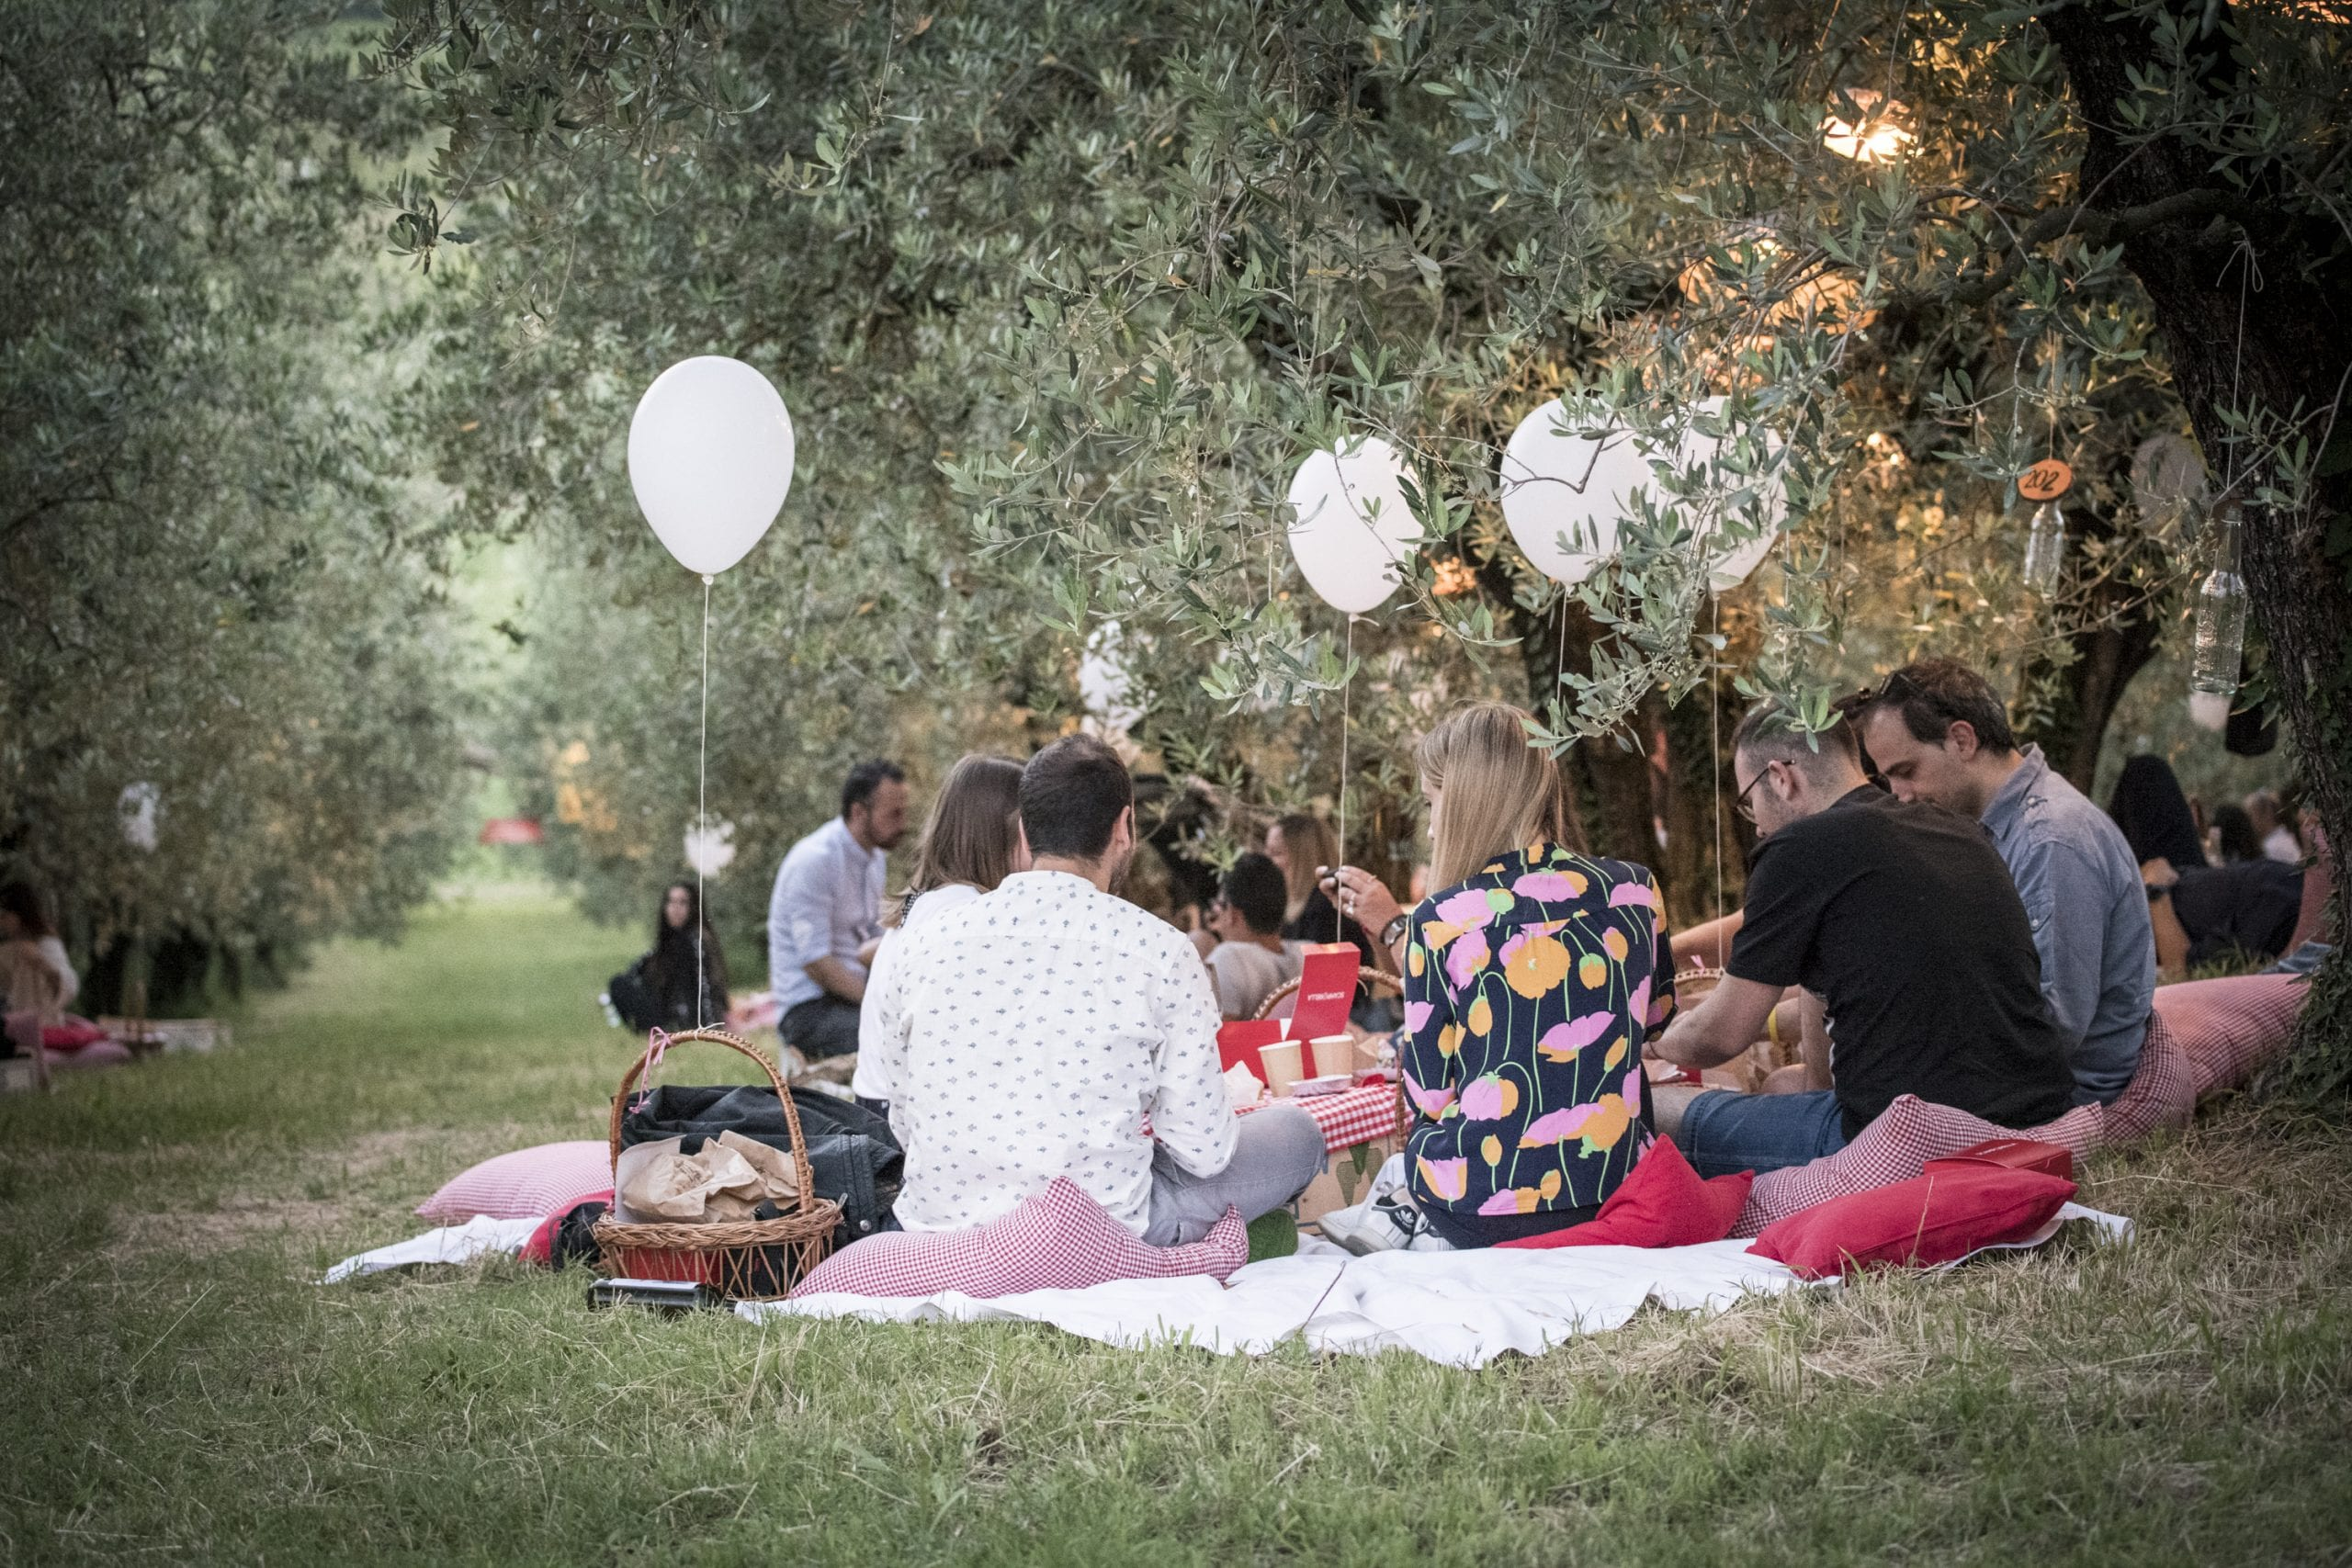 Immagine del pic nic Scamporella con i palloncini bianchi le persone sedute sul prato